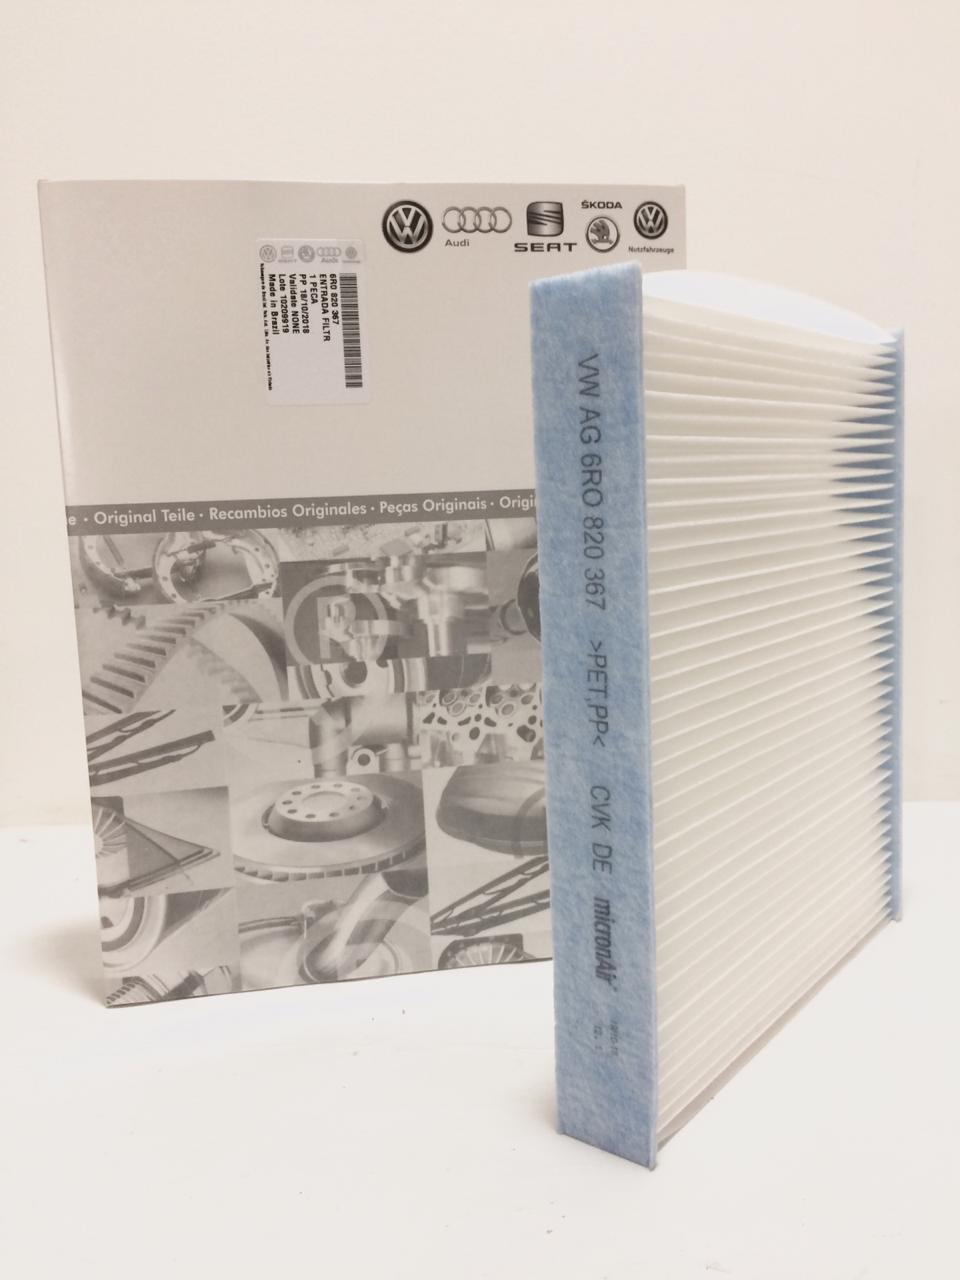 Filtro Do Ar Condicionado Vw Fox Gol Polo Saveiro 6R0820367